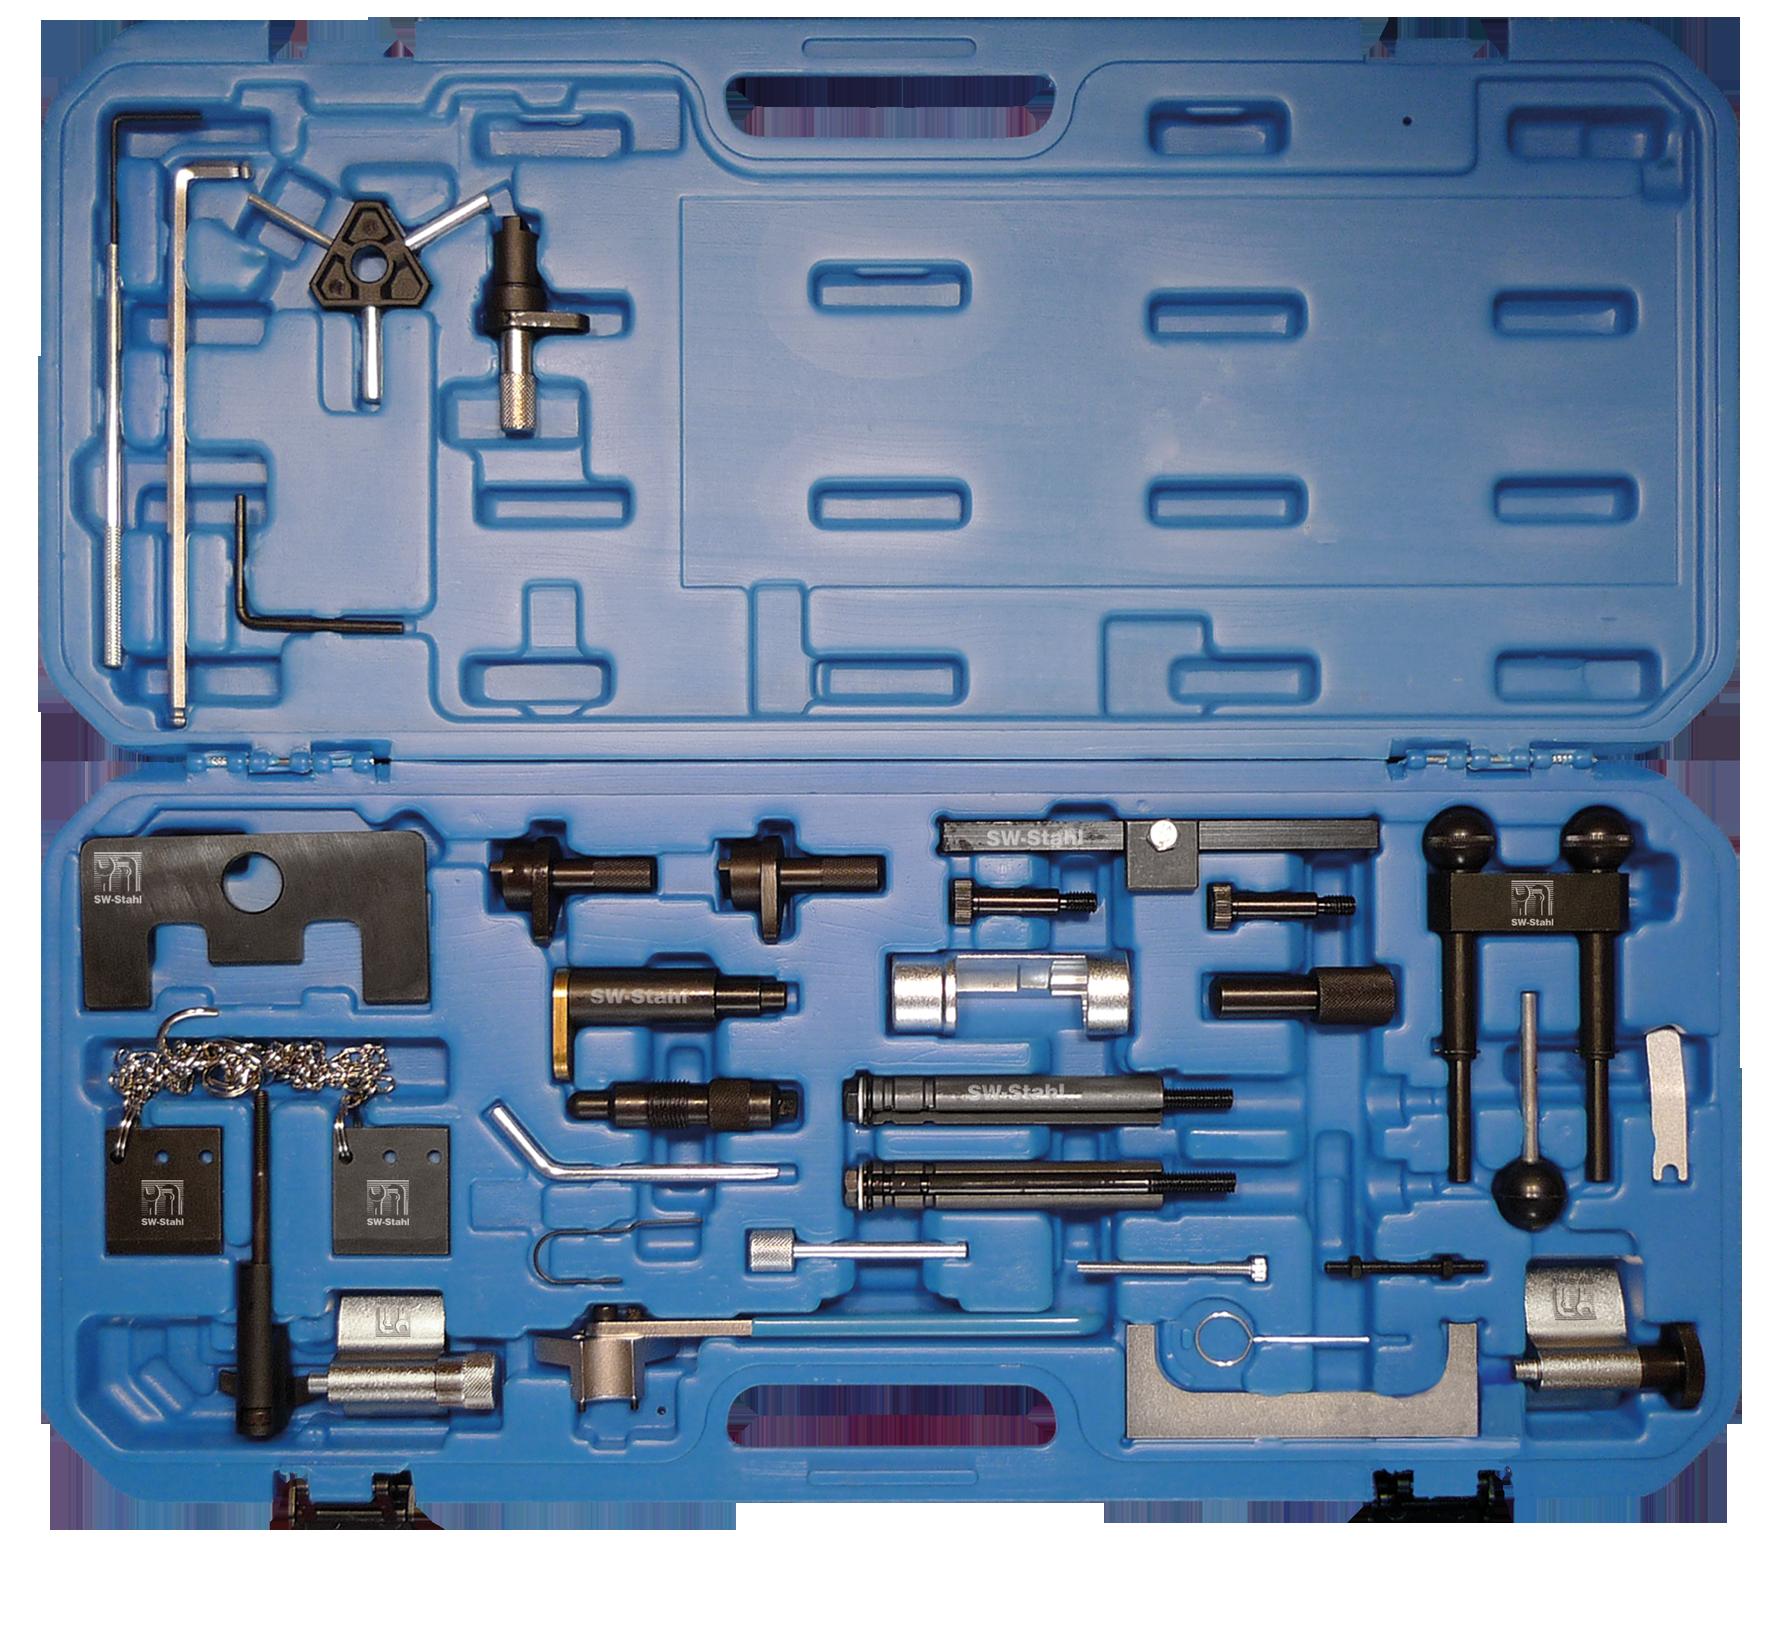 SWSTAHL Engine adjustment tool set 26057L